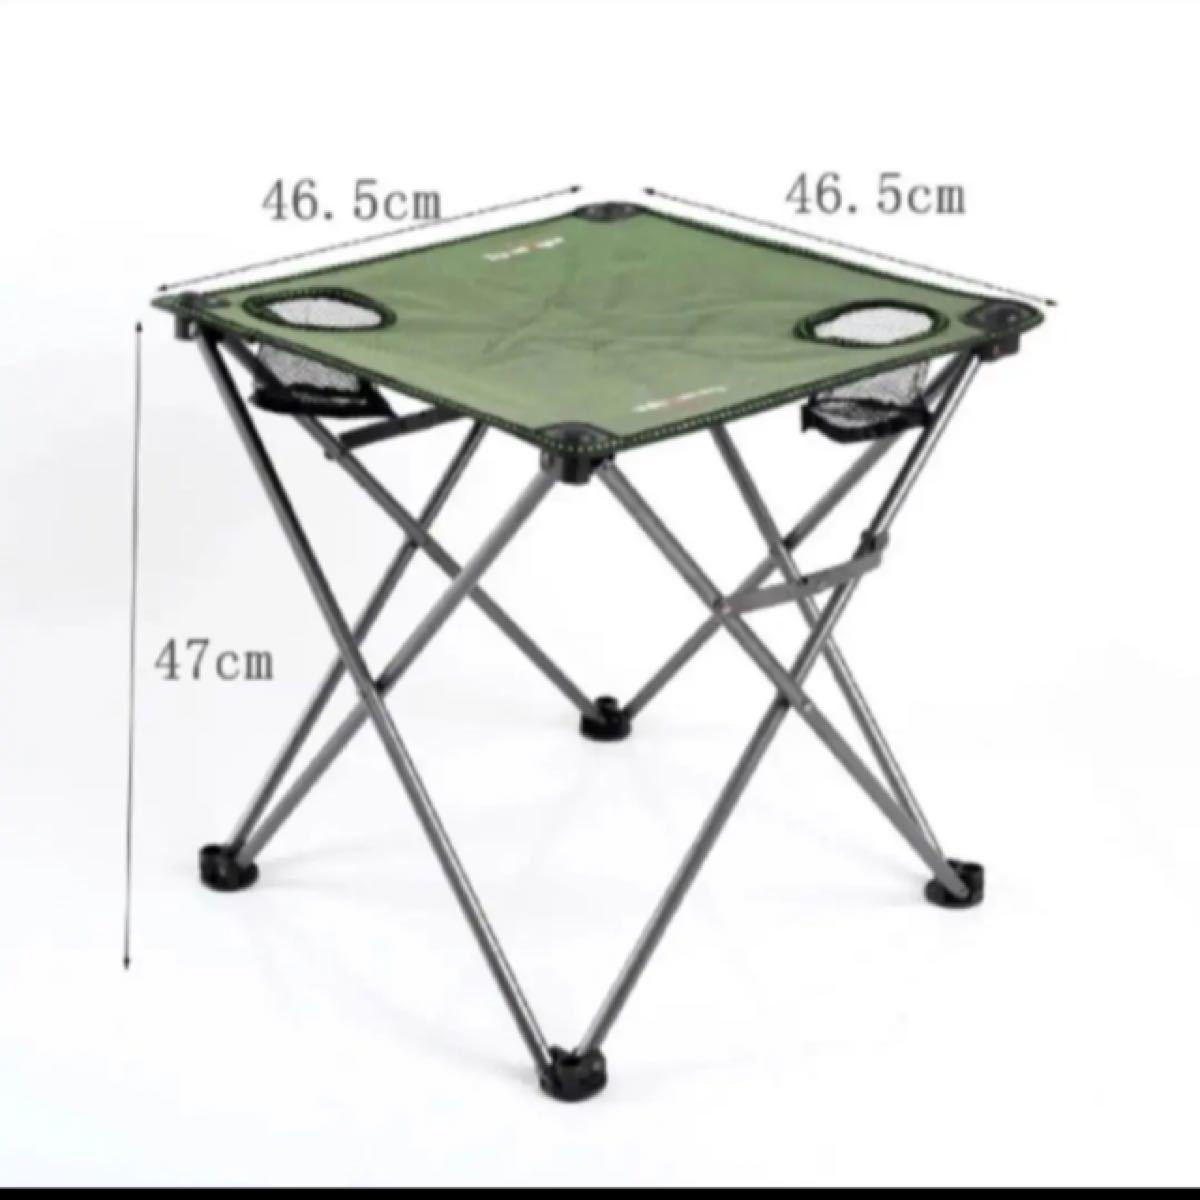 キャンプ テーブル ドリンクホルダー付き 折りたたみ机 アウトドア 折りたたみテーブル ロールテーブル アルミ製 食事テーブル